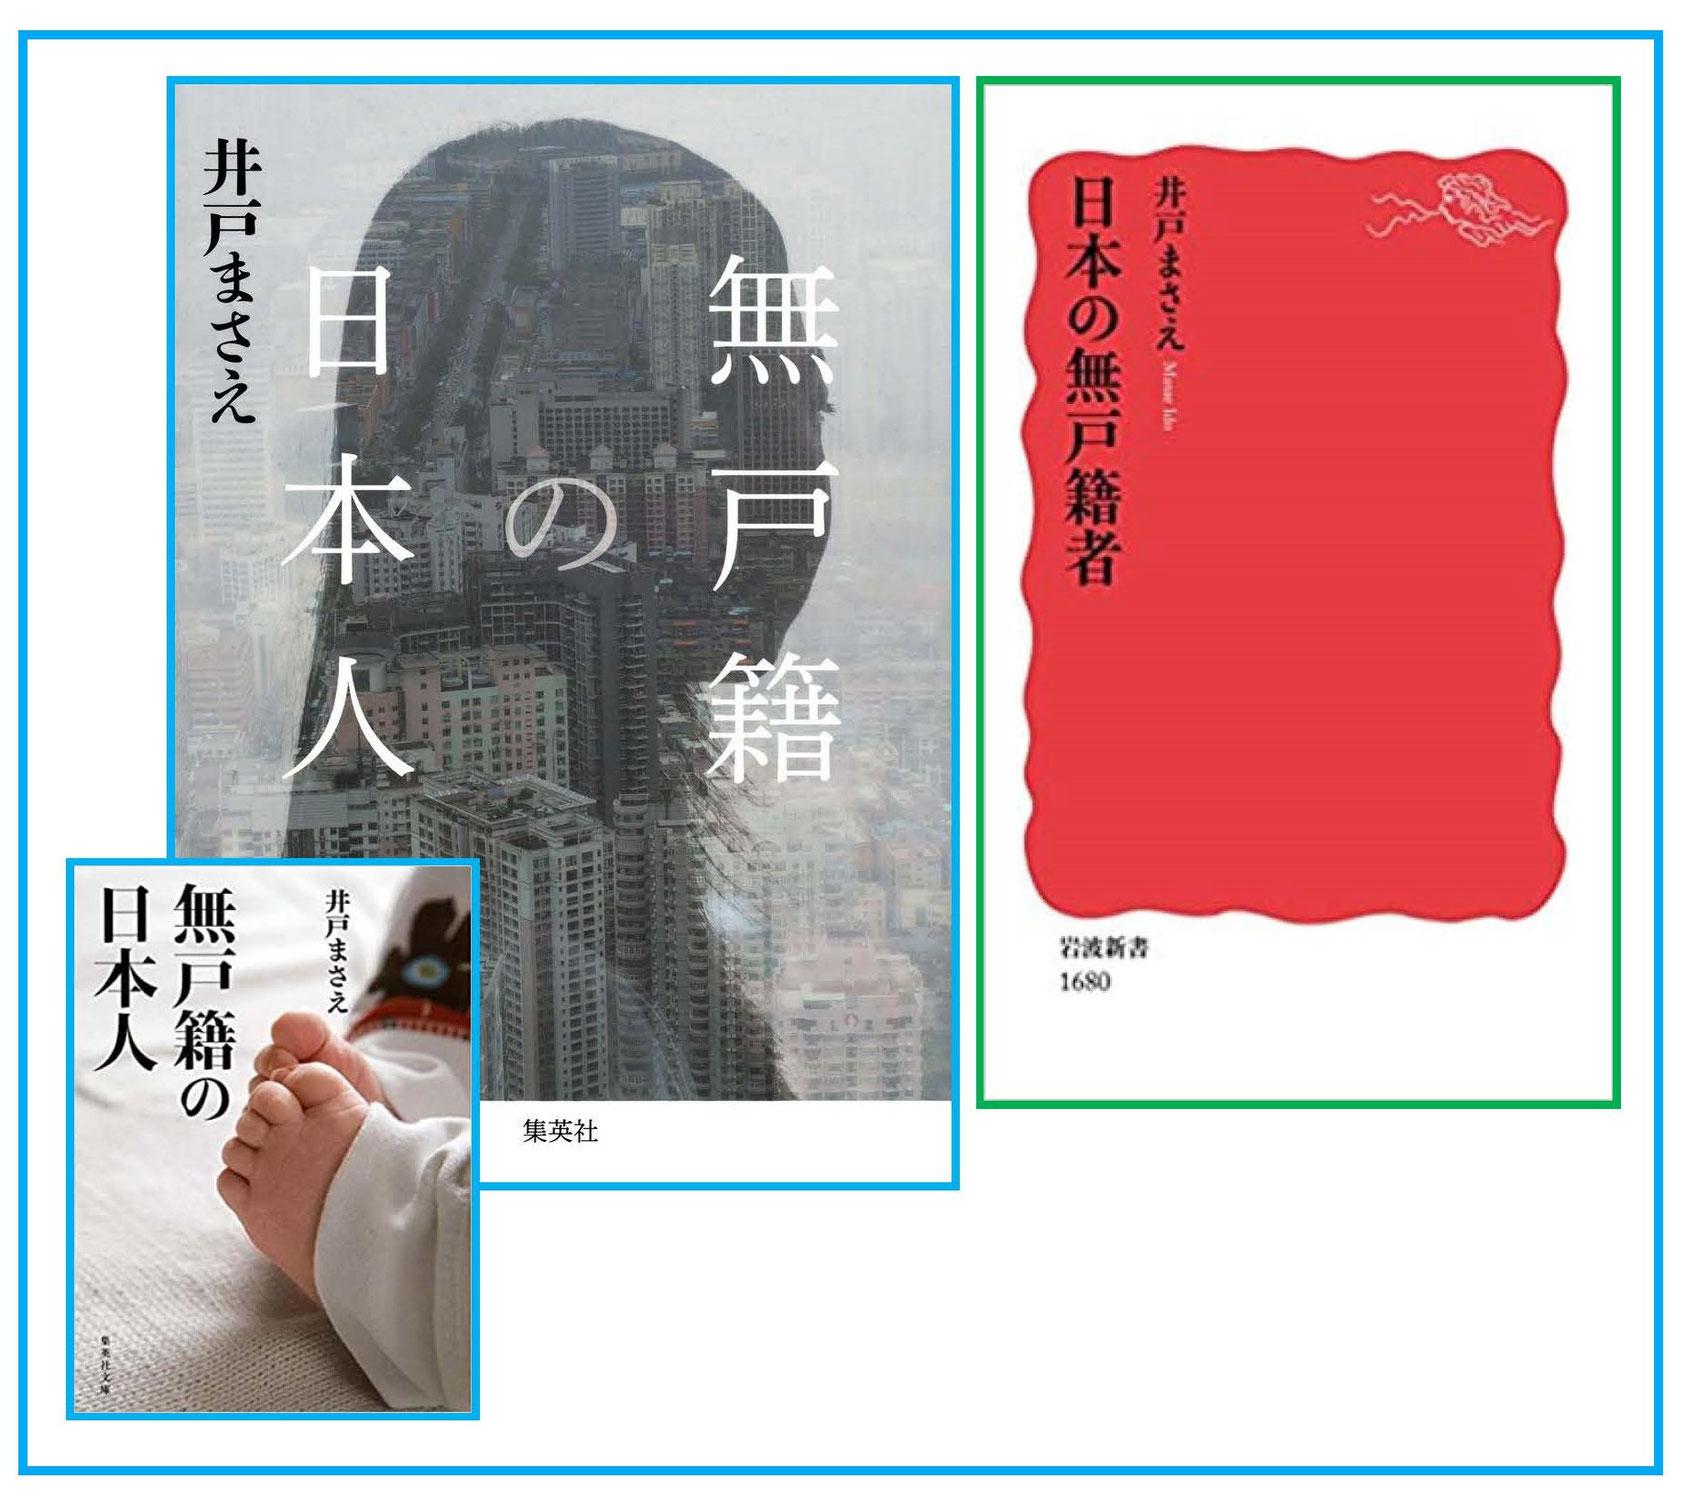 『無戸籍問題』 井戸まさえ先生をお招きした研修会。